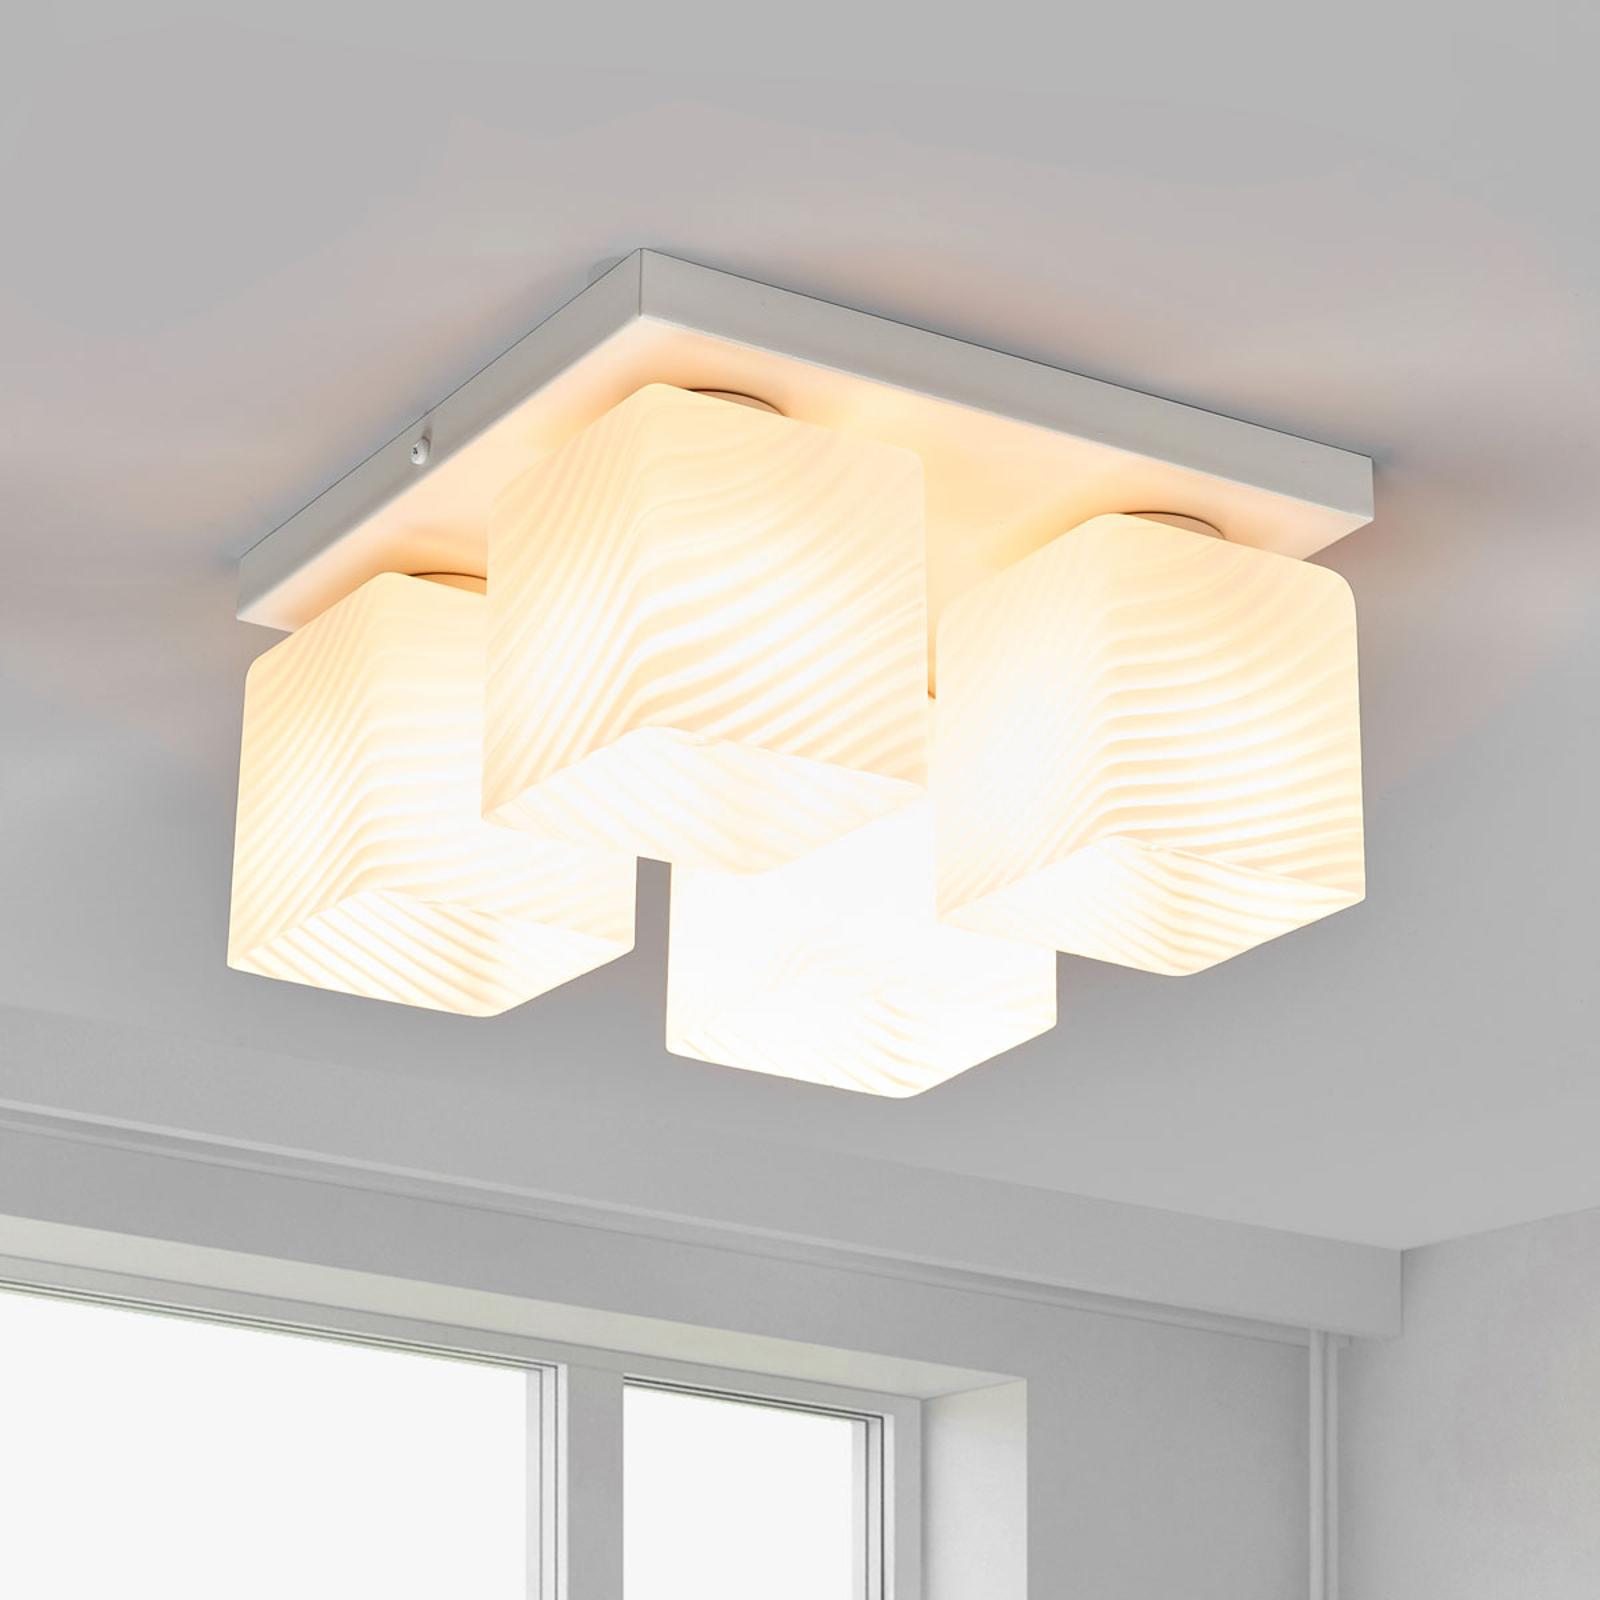 Hvit taklampe Vega - 4 lyskilder